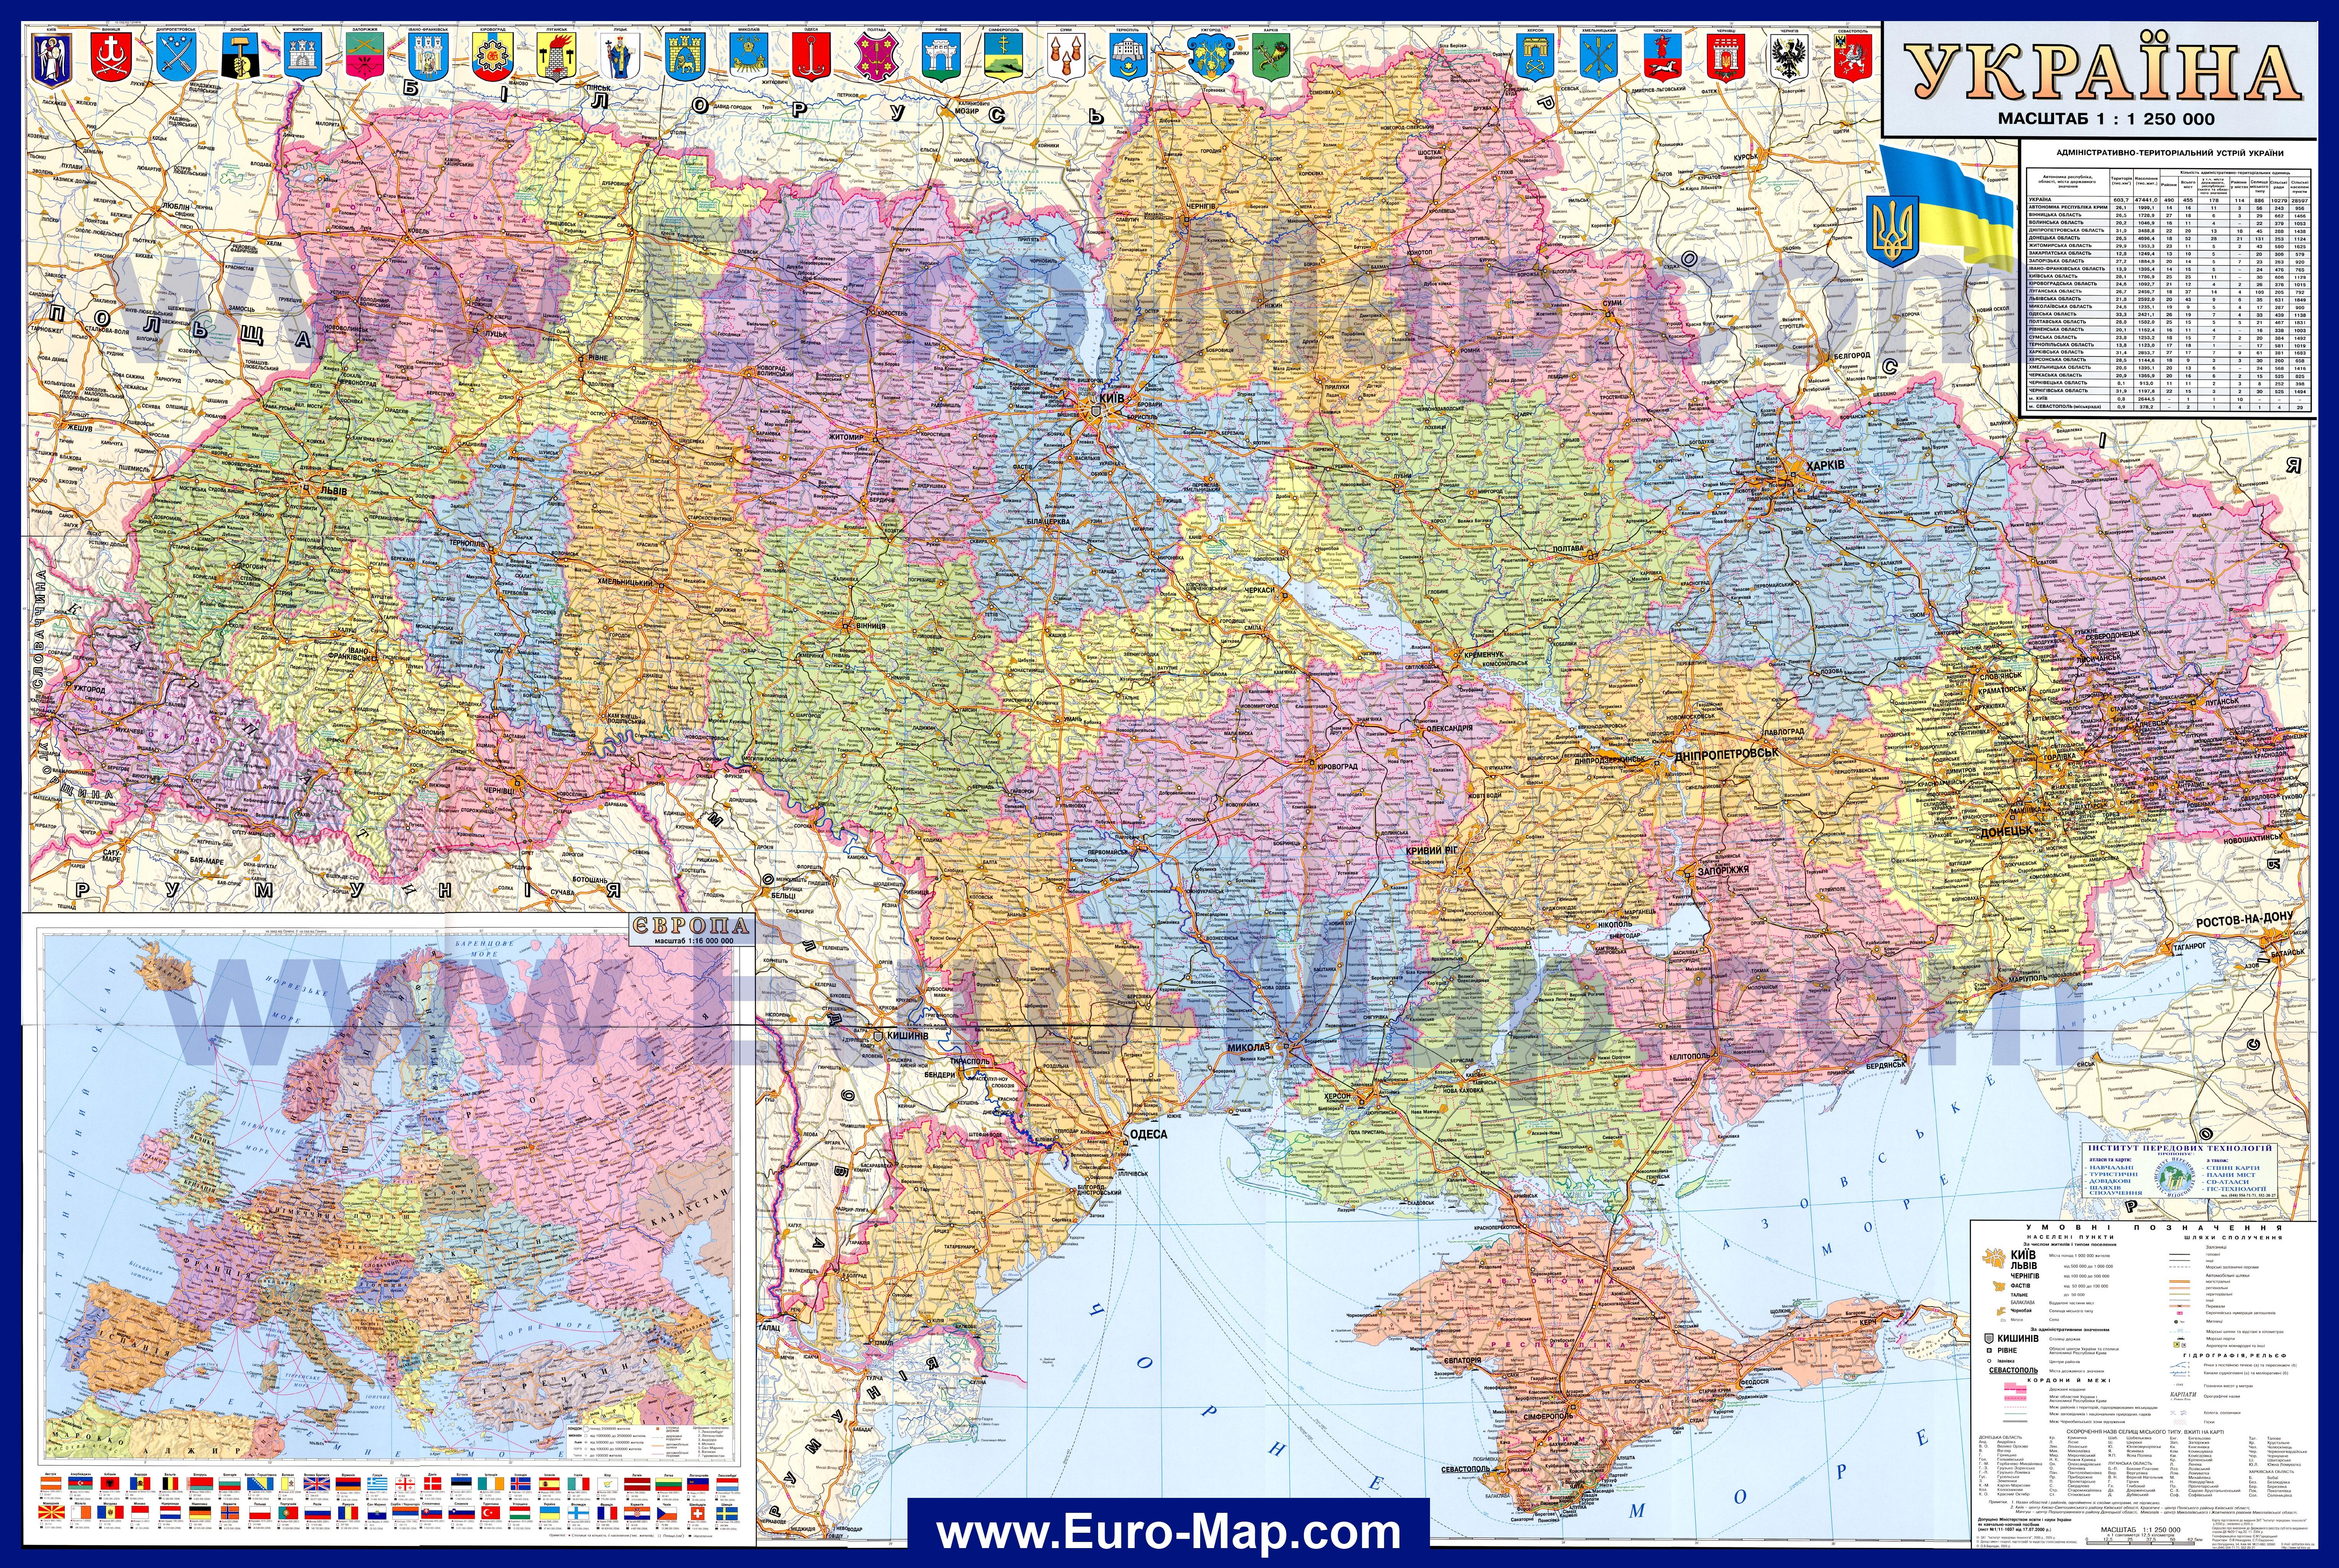 http://euro-map.com/karty-ukrainy/podrobnaya-karta-ukrainy-po-oblastyam.jpg